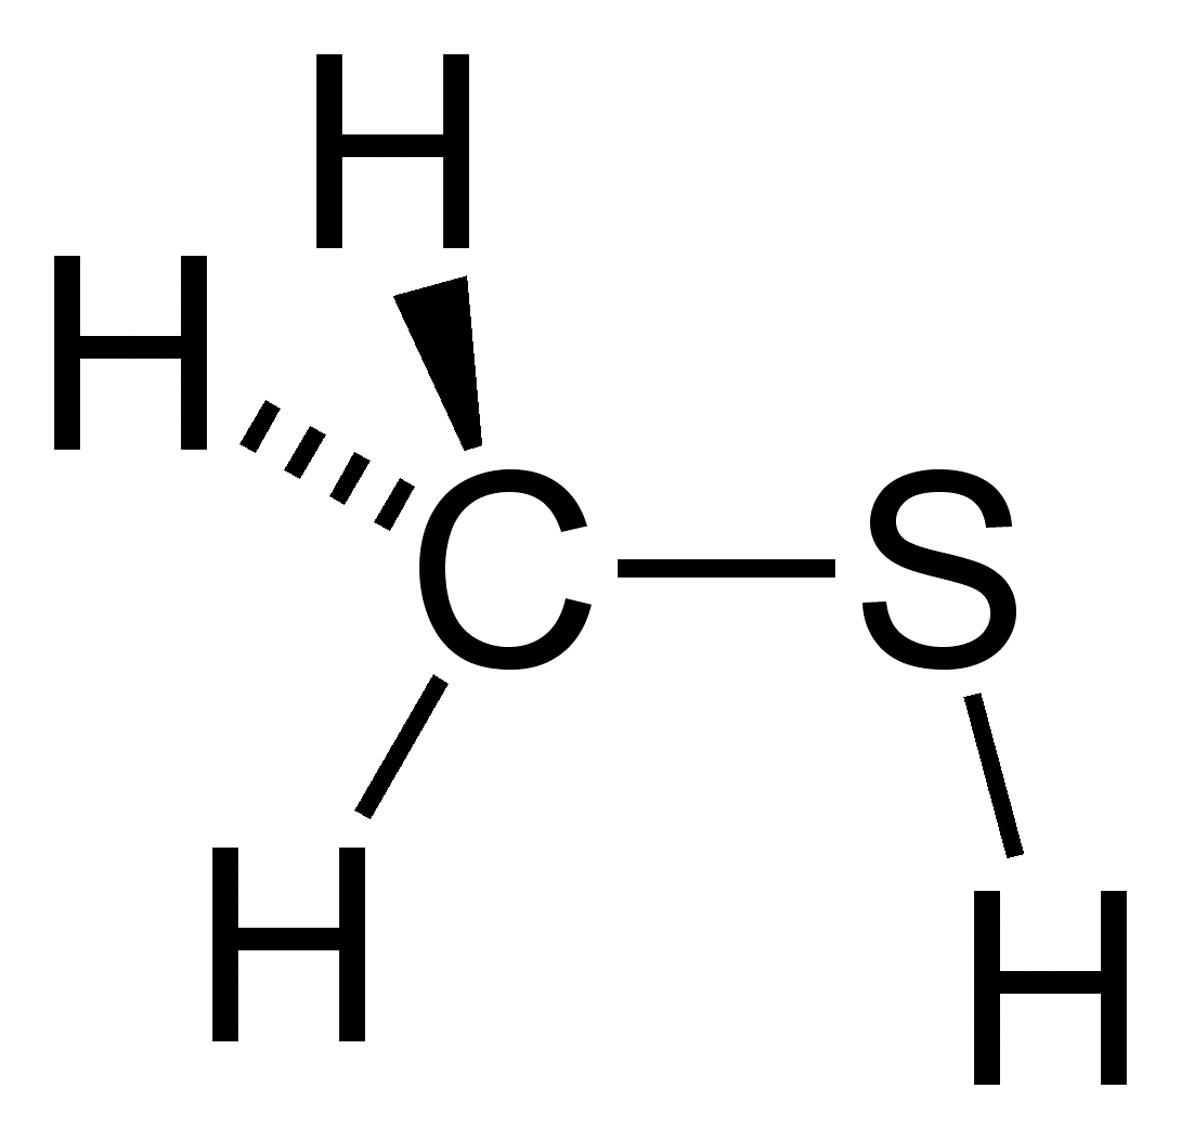 ميثانثيول Methanethiol